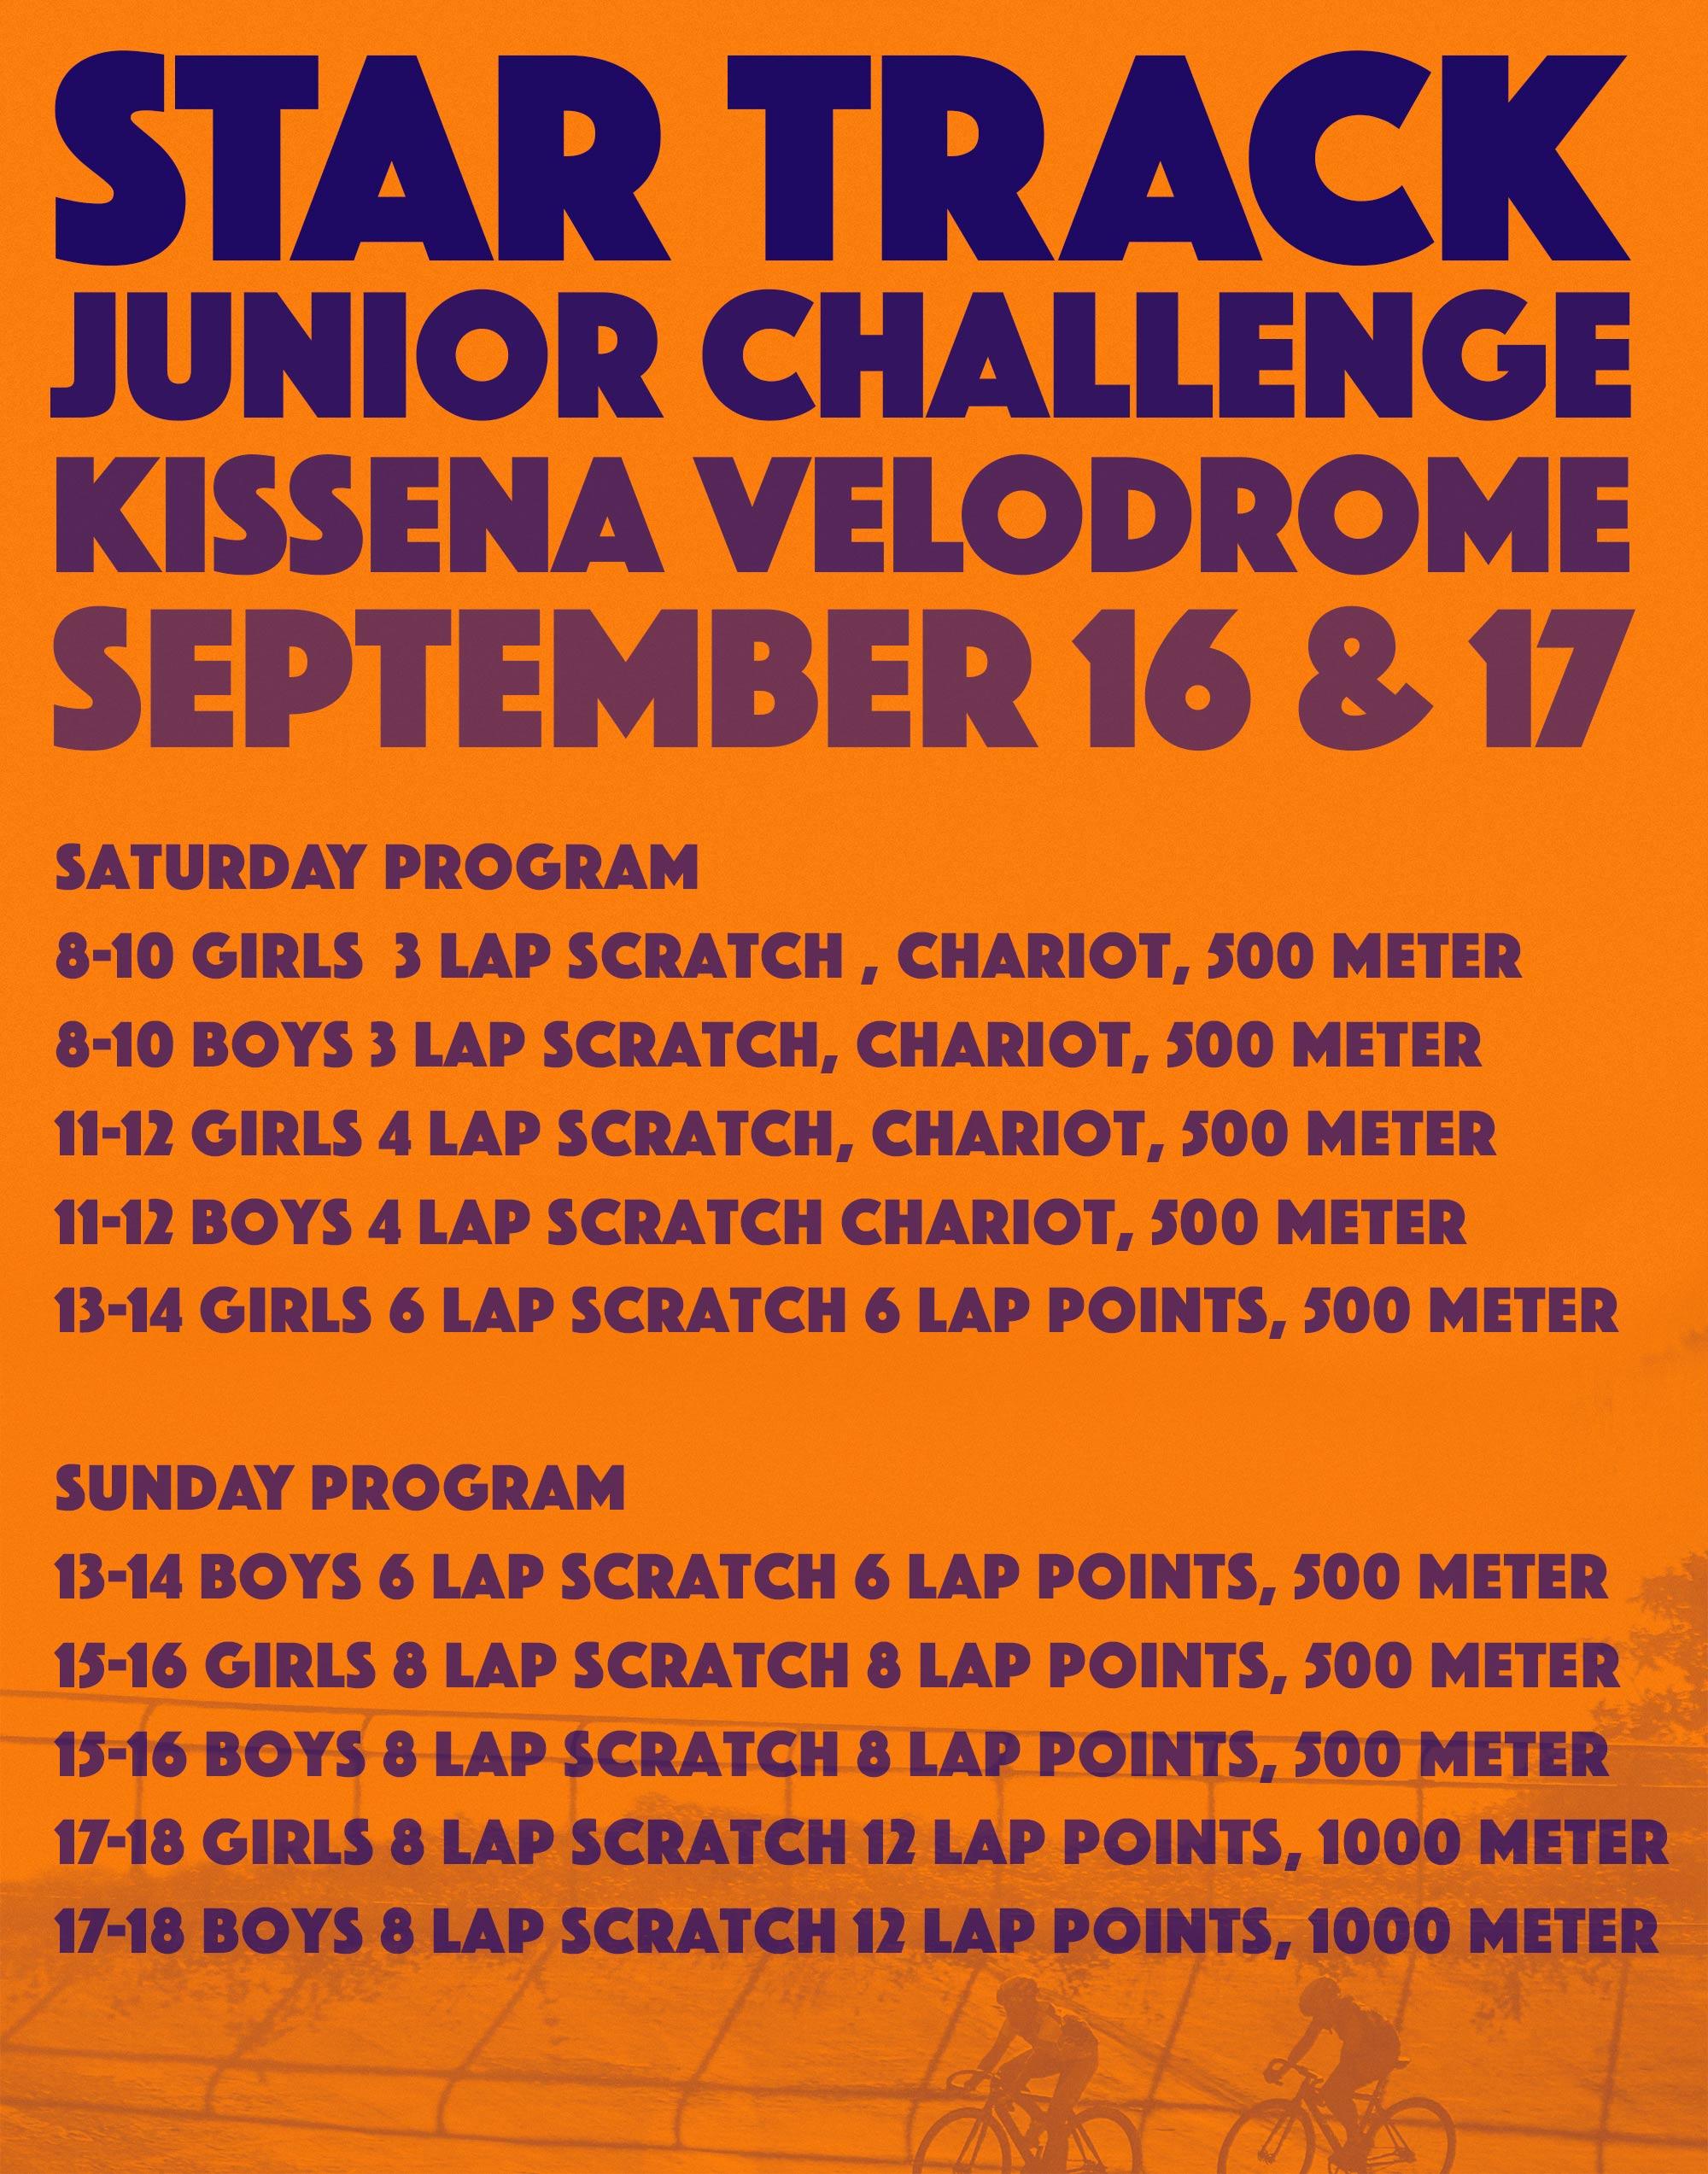 ST-Junior-Challenge.jpg